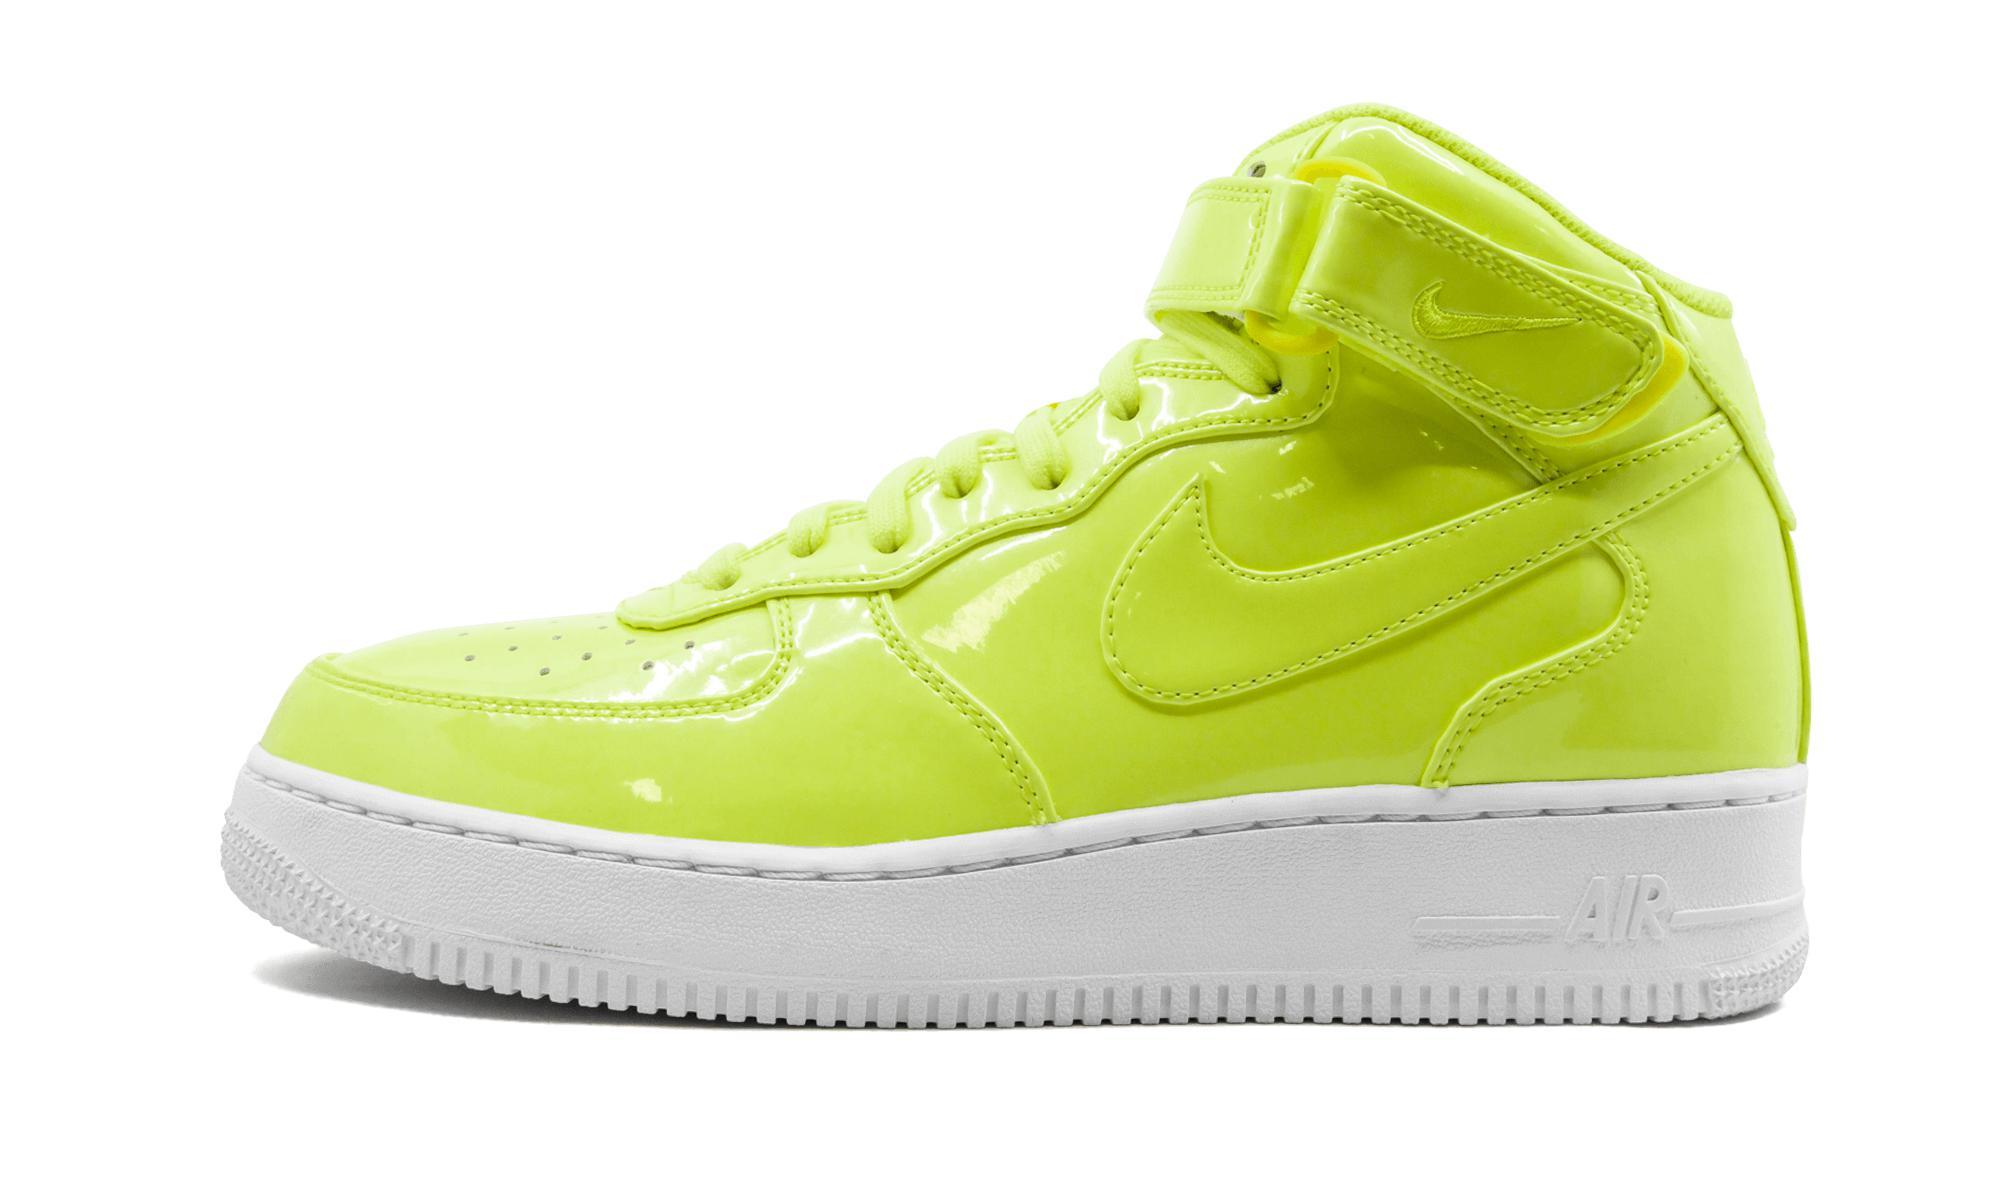 cheaper da8ea d3e05 Nike Air Force 1 Mid '07 Lv8 Uv - Lyst